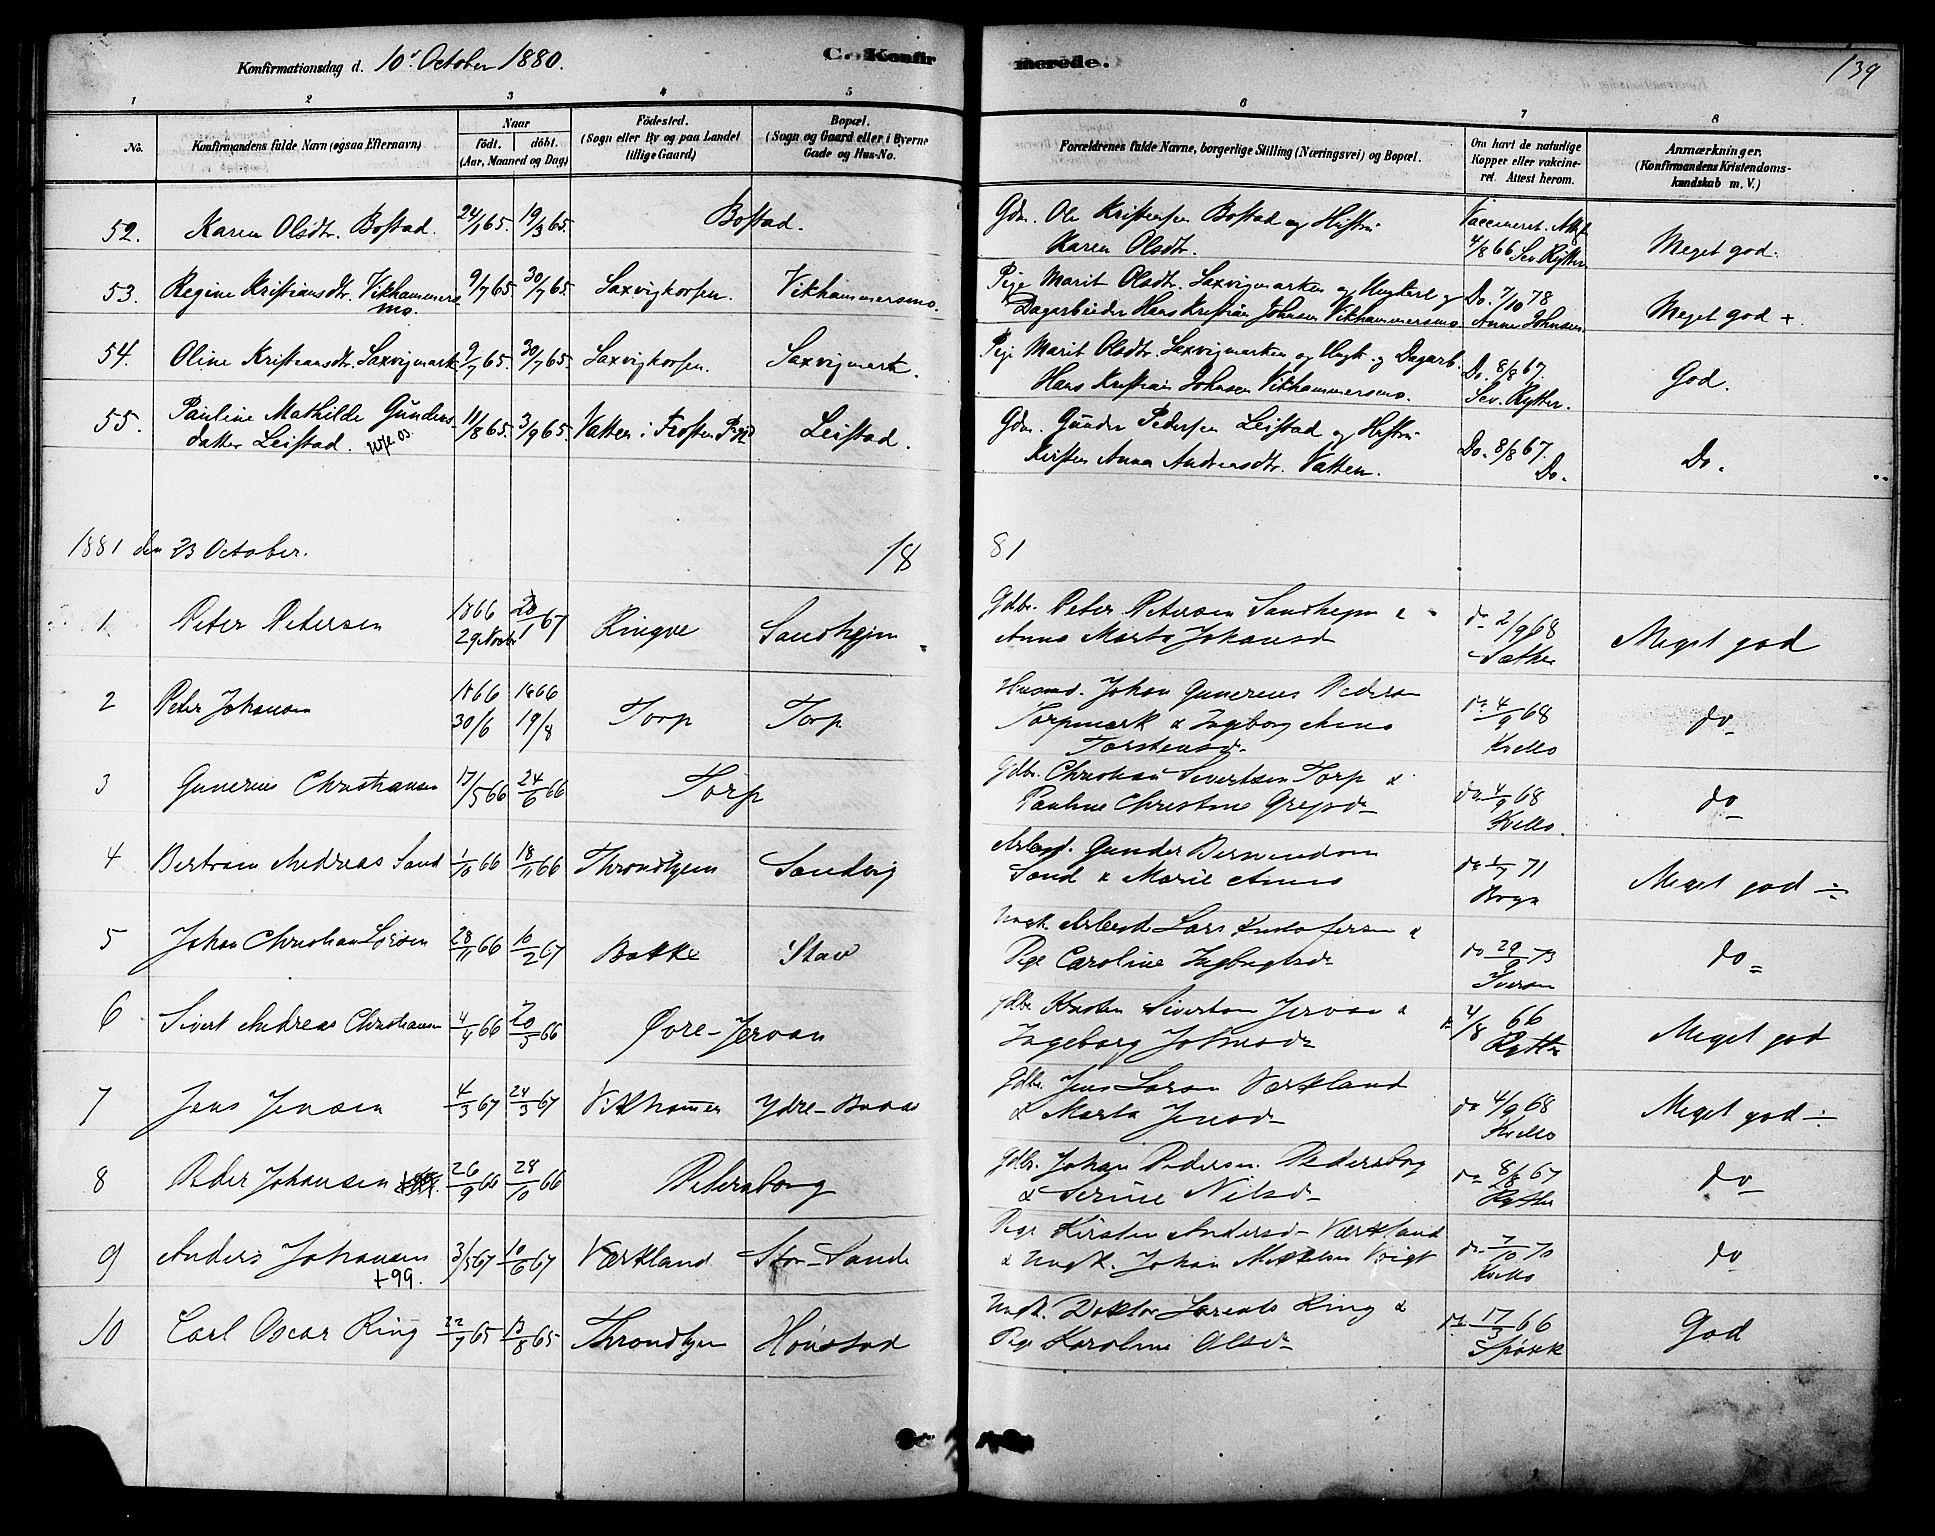 SAT, Ministerialprotokoller, klokkerbøker og fødselsregistre - Sør-Trøndelag, 616/L0410: Ministerialbok nr. 616A07, 1878-1893, s. 139